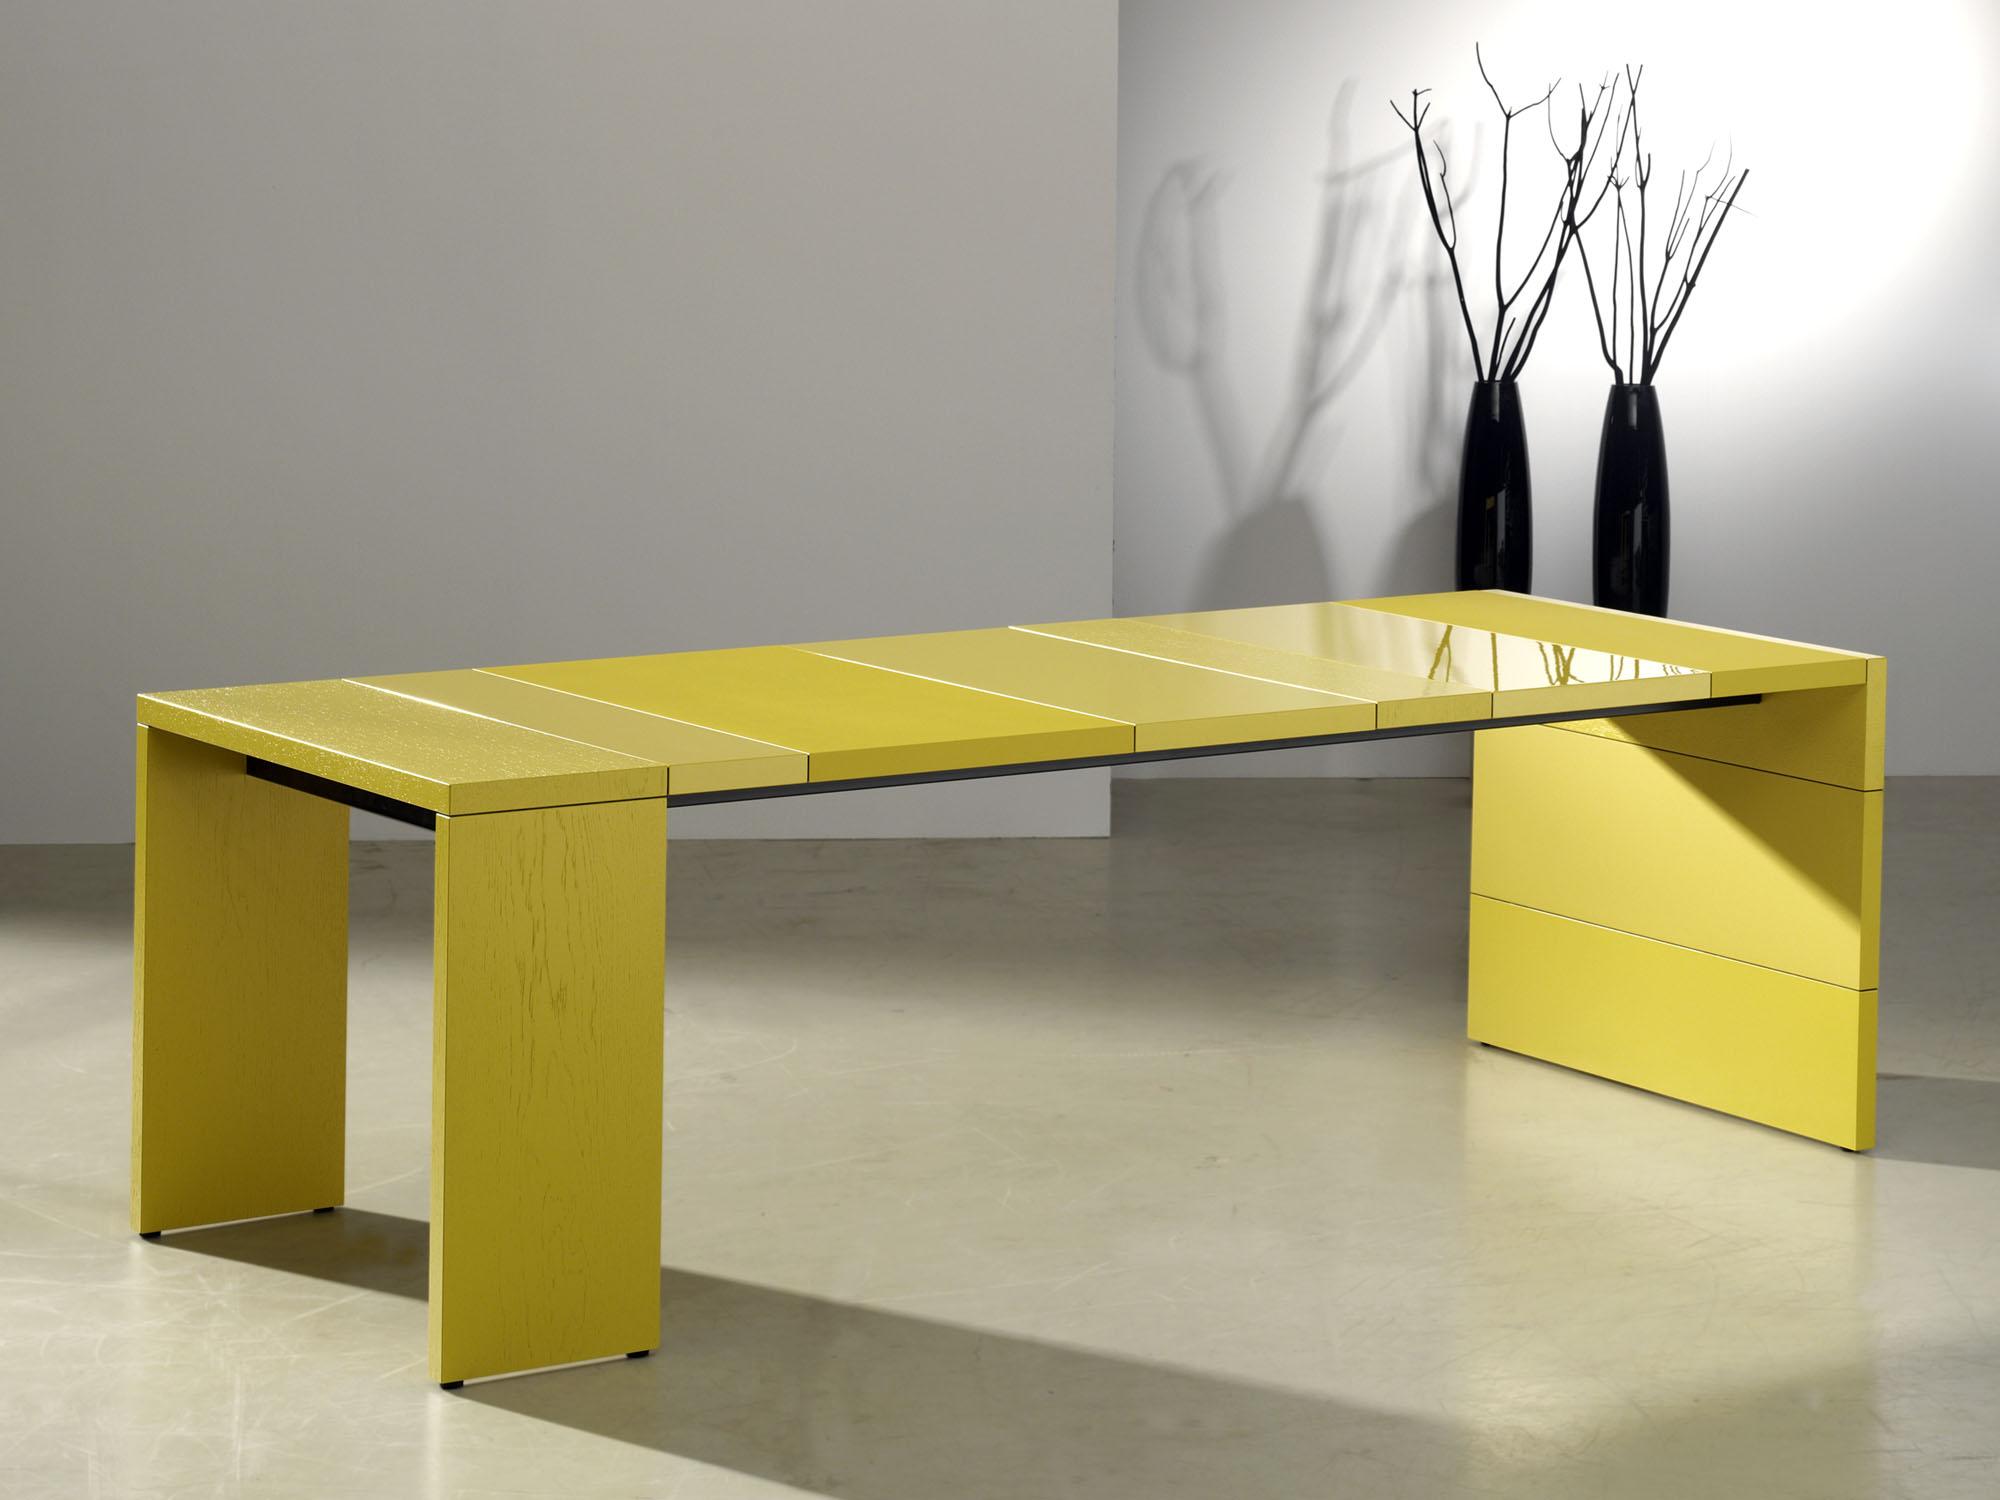 LV-tafel, ontwerp door Marieke Castelijn